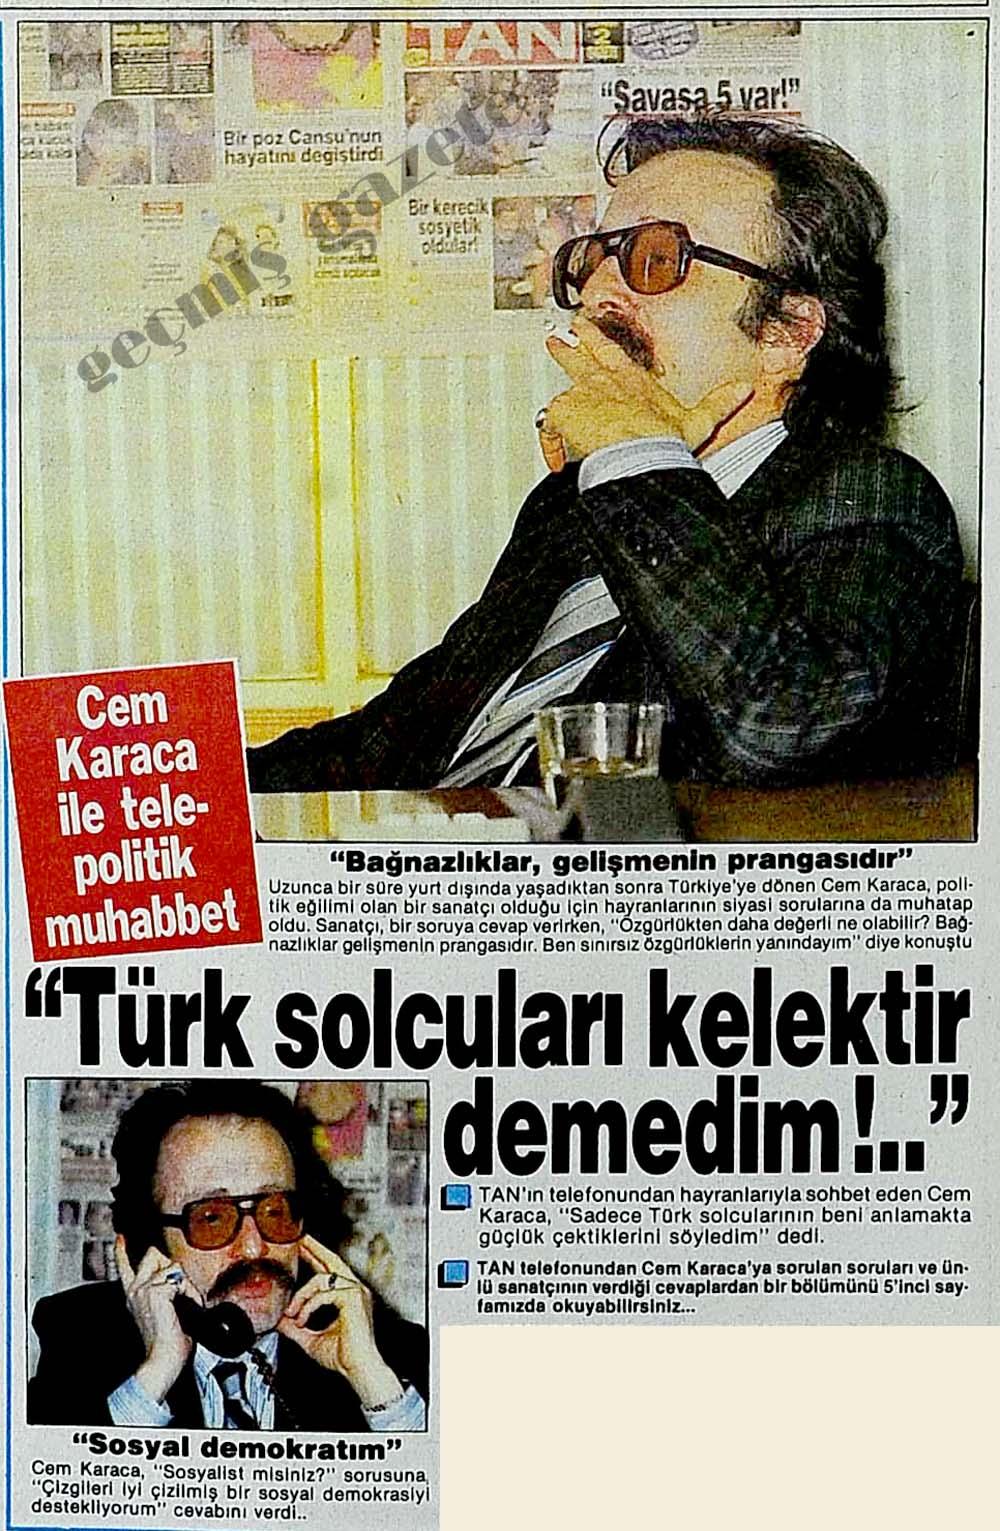 """Cem Karaca ile tele-politik muhabbet """"Türk solcuları kelektir demedim!.."""""""